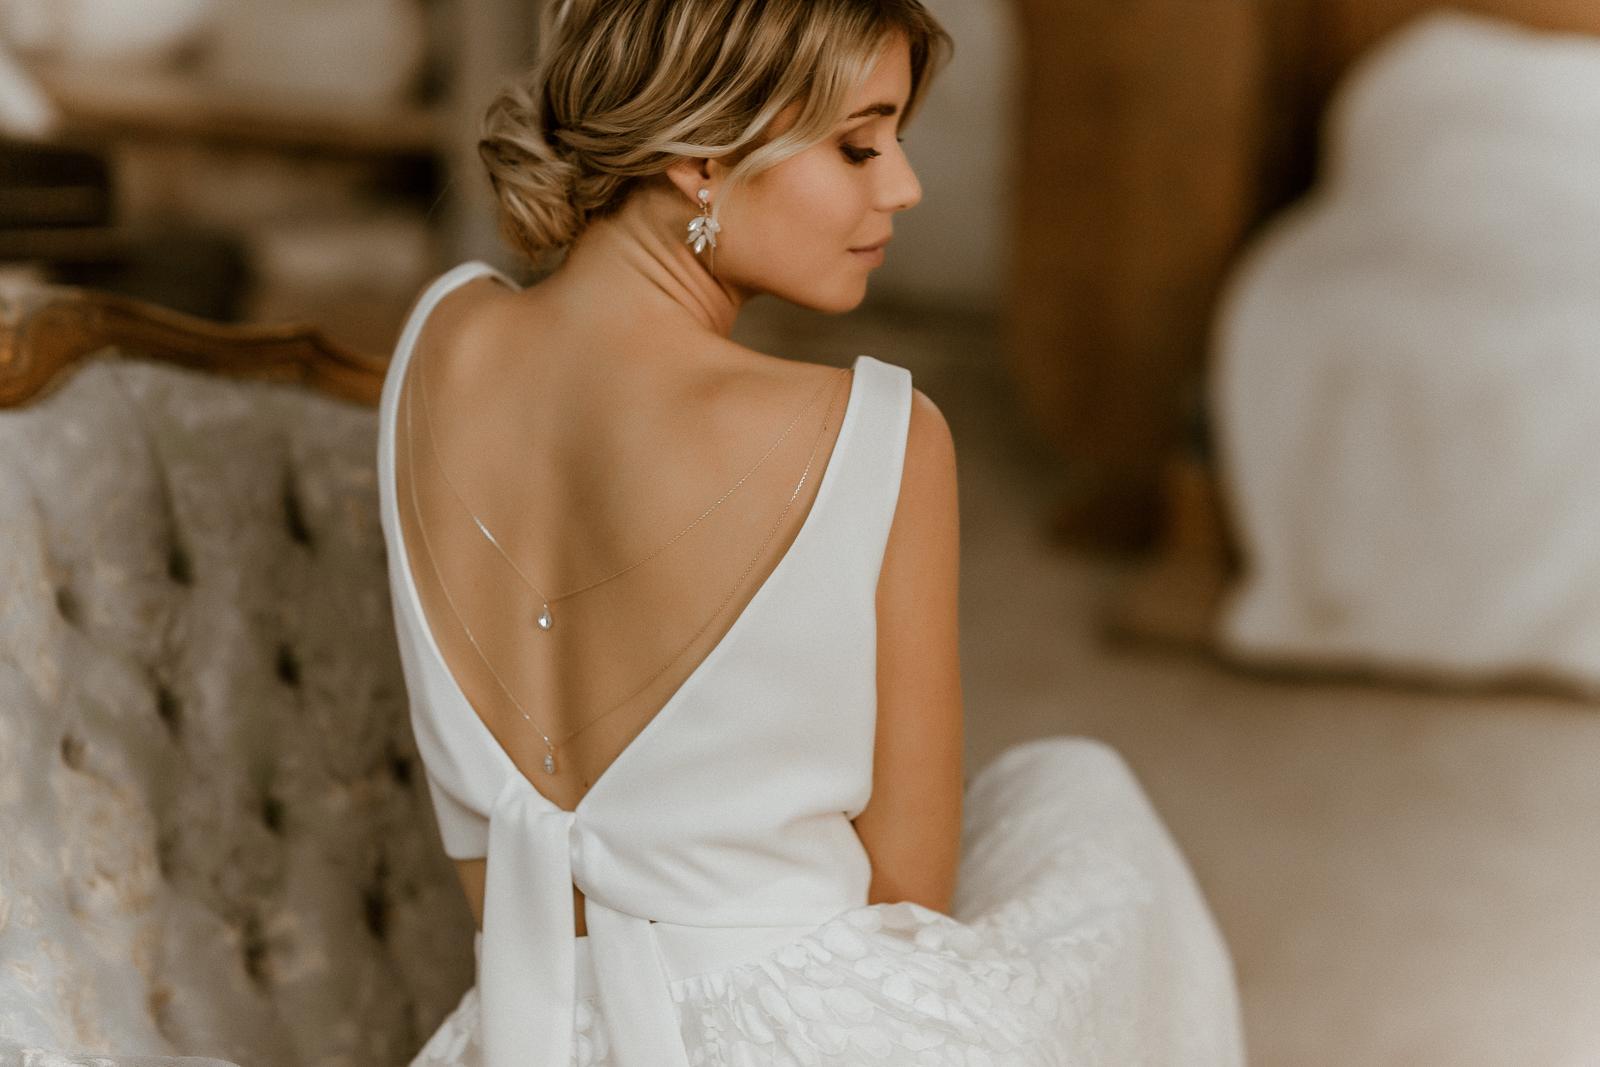 noni Jubiläumskollektion   Ärmelloses Brauttop in Ivory mit Rückenausschnitt und Rückenkette, dazu Tüllrock, Rückenansicht (Foto: Le Hai Linh)